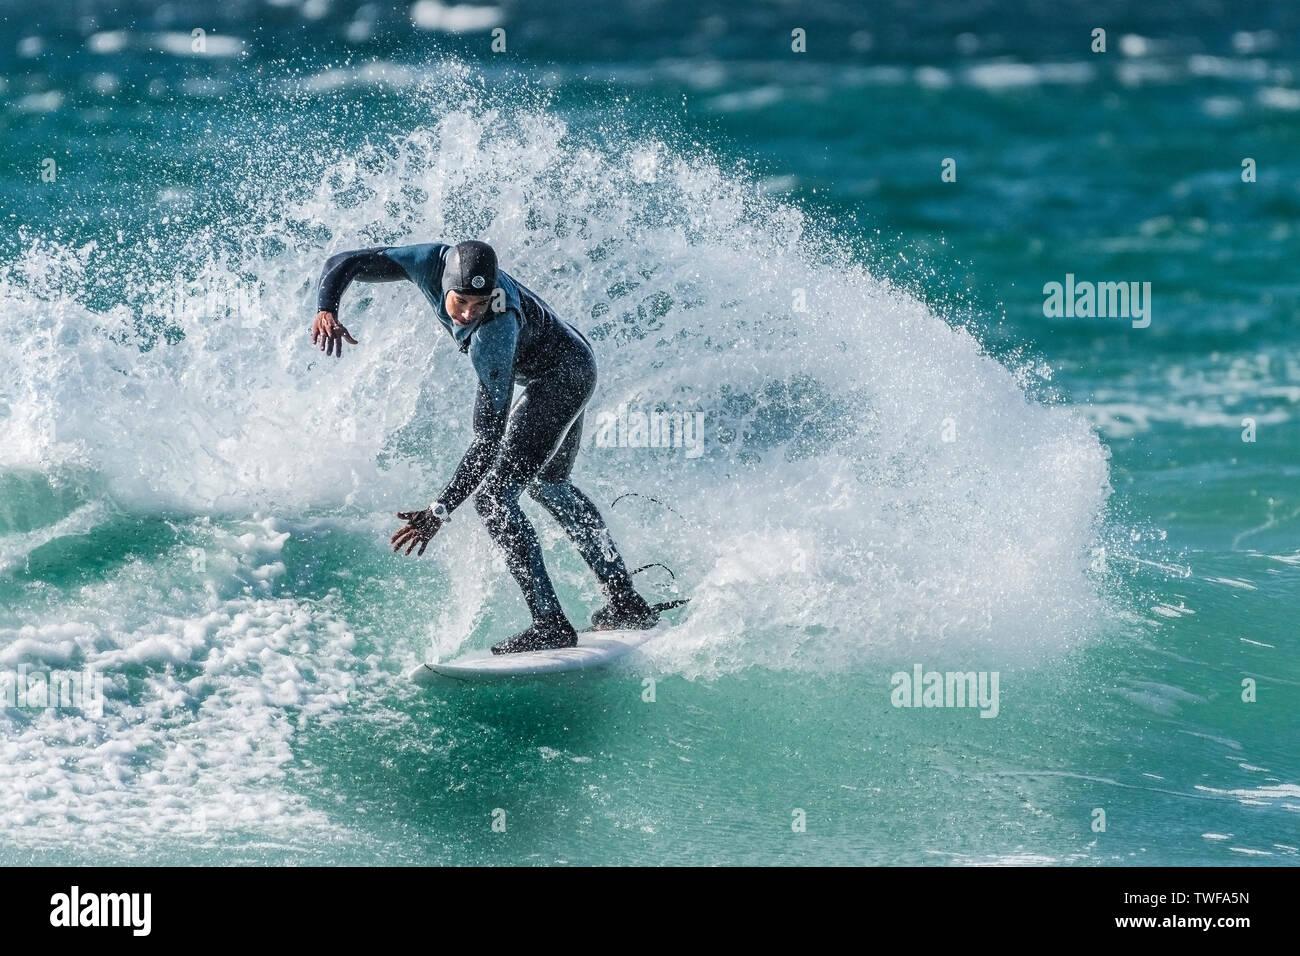 Un surfista di eseguire un trick a scatto a Fistral a Newquay in Cornovaglia. Immagini Stock